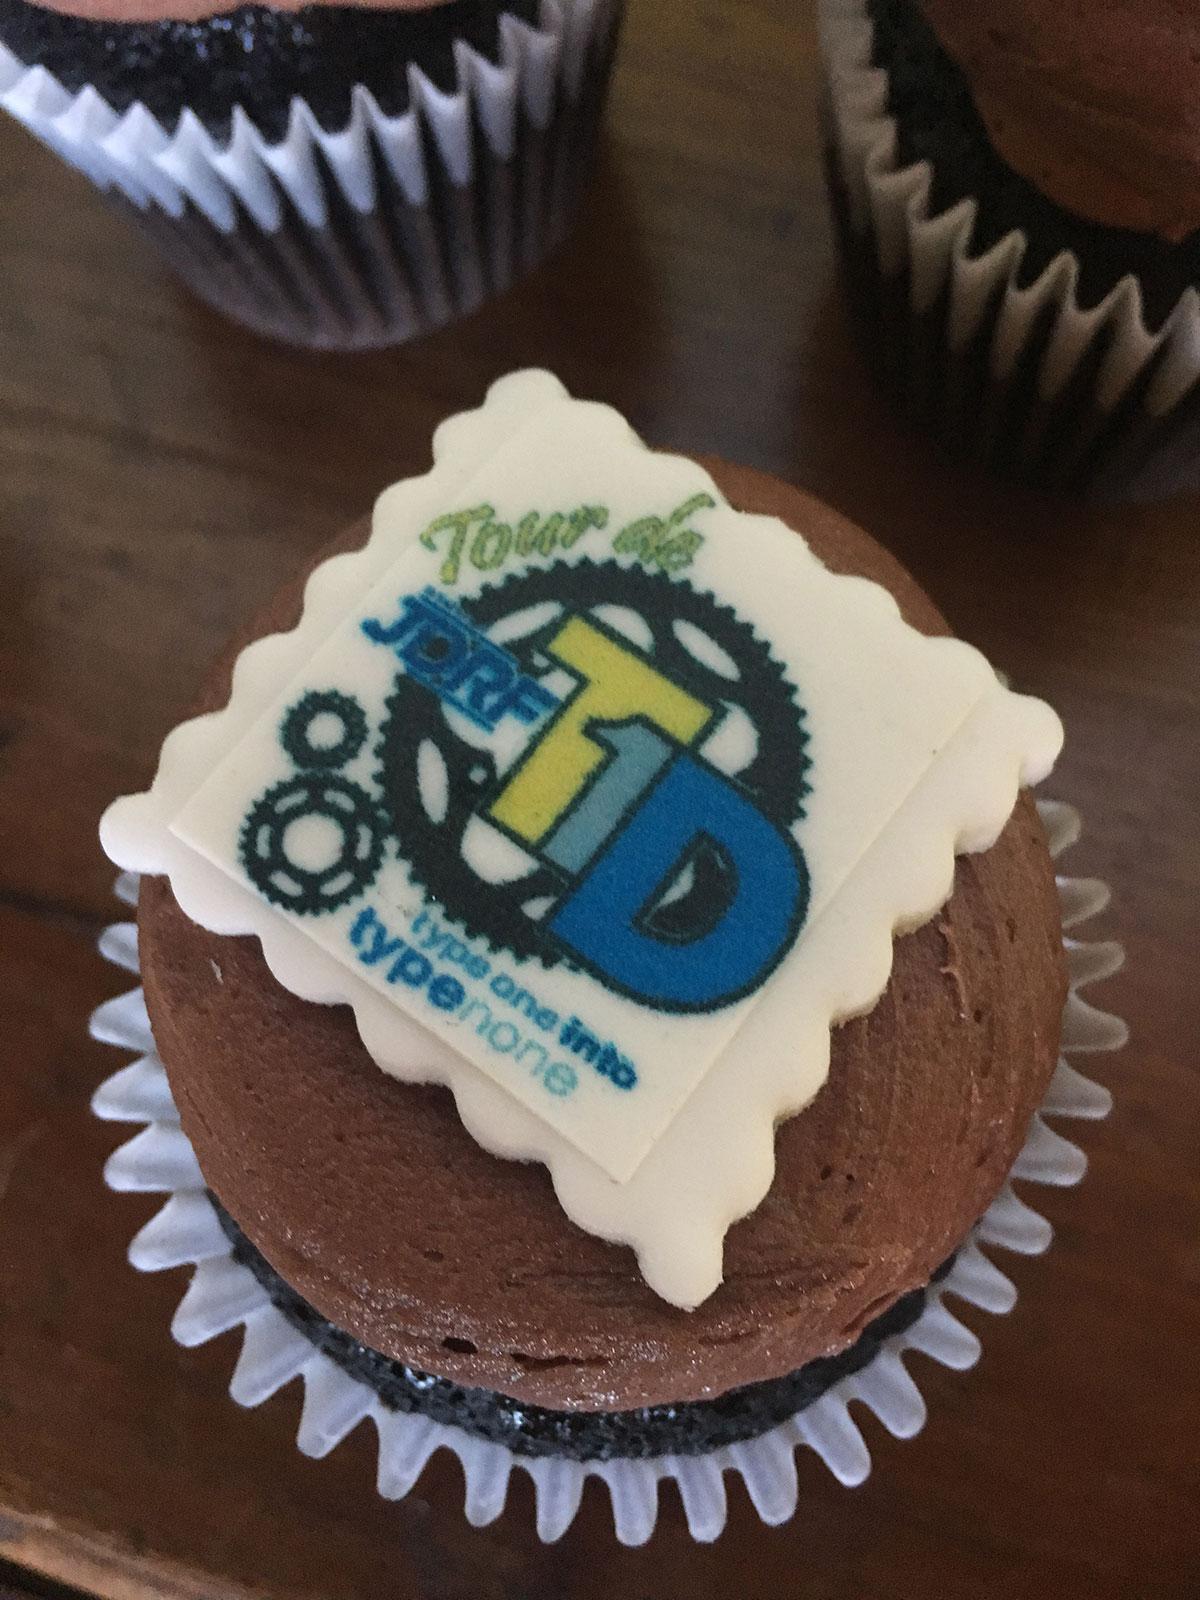 Tour de T1D - Cycling for Type 1 Diabetes